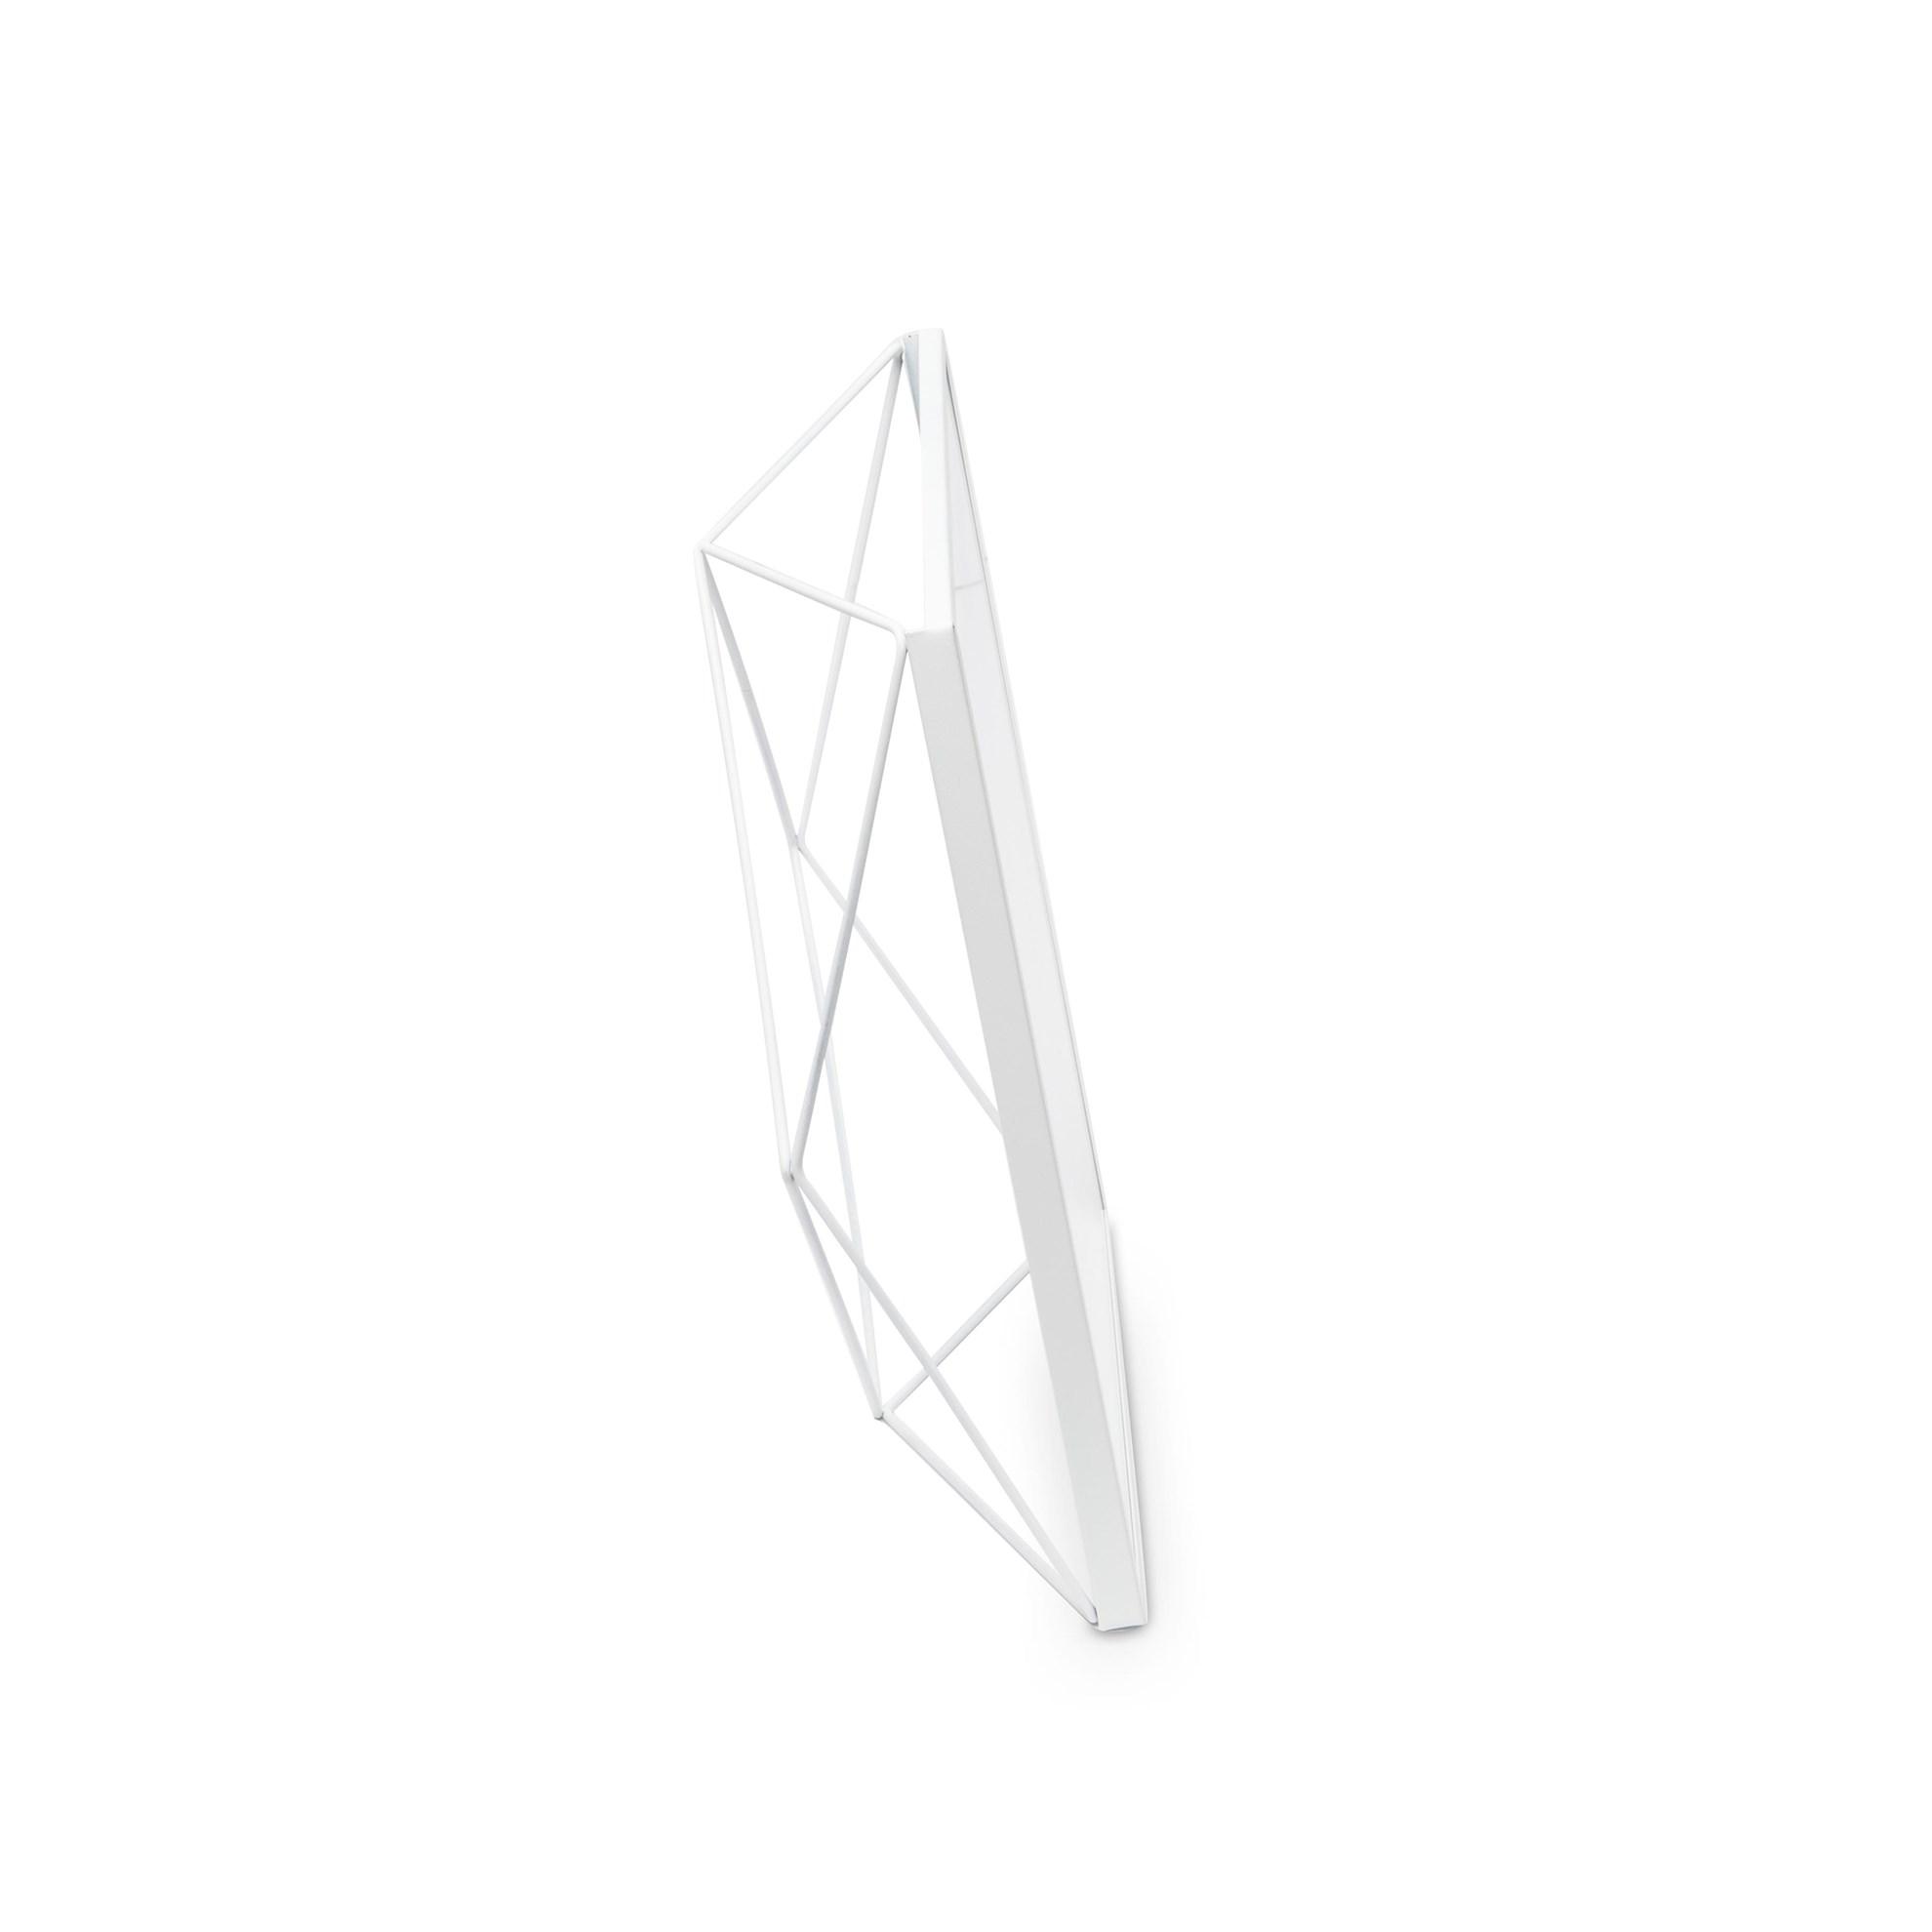 Fotorámeček PRISMA 20x25 cm bílý_5